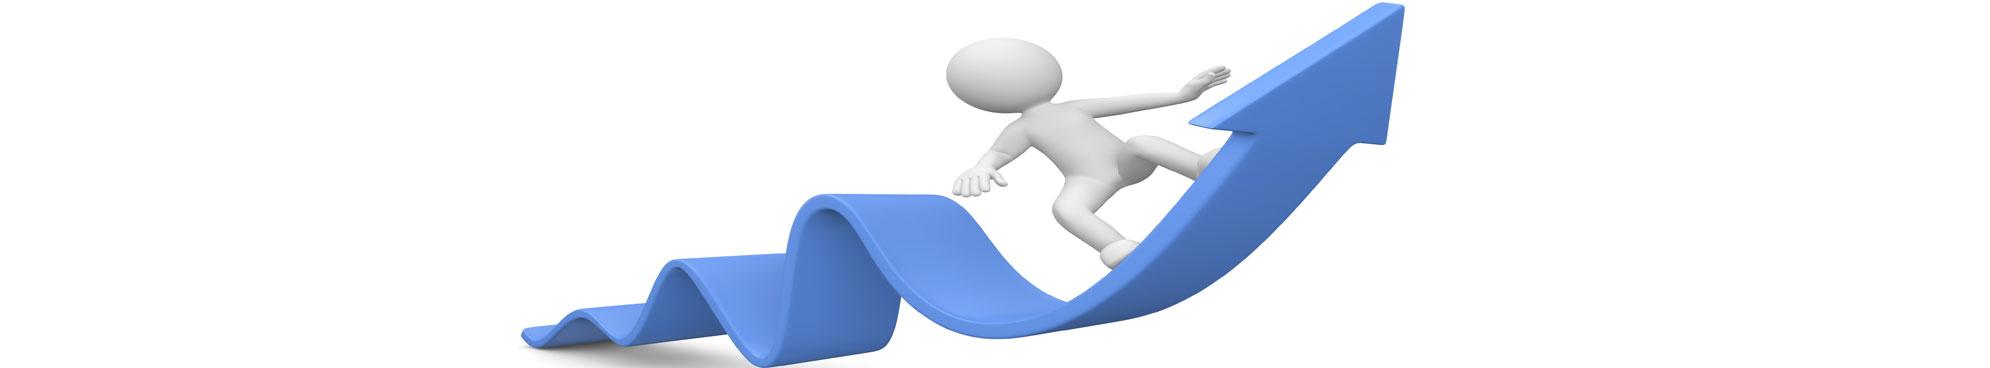 Le Coaching pour valoriser son savoir-faire et compétences. Cabinet DAC vous accompagne dans vos démarches de vie.